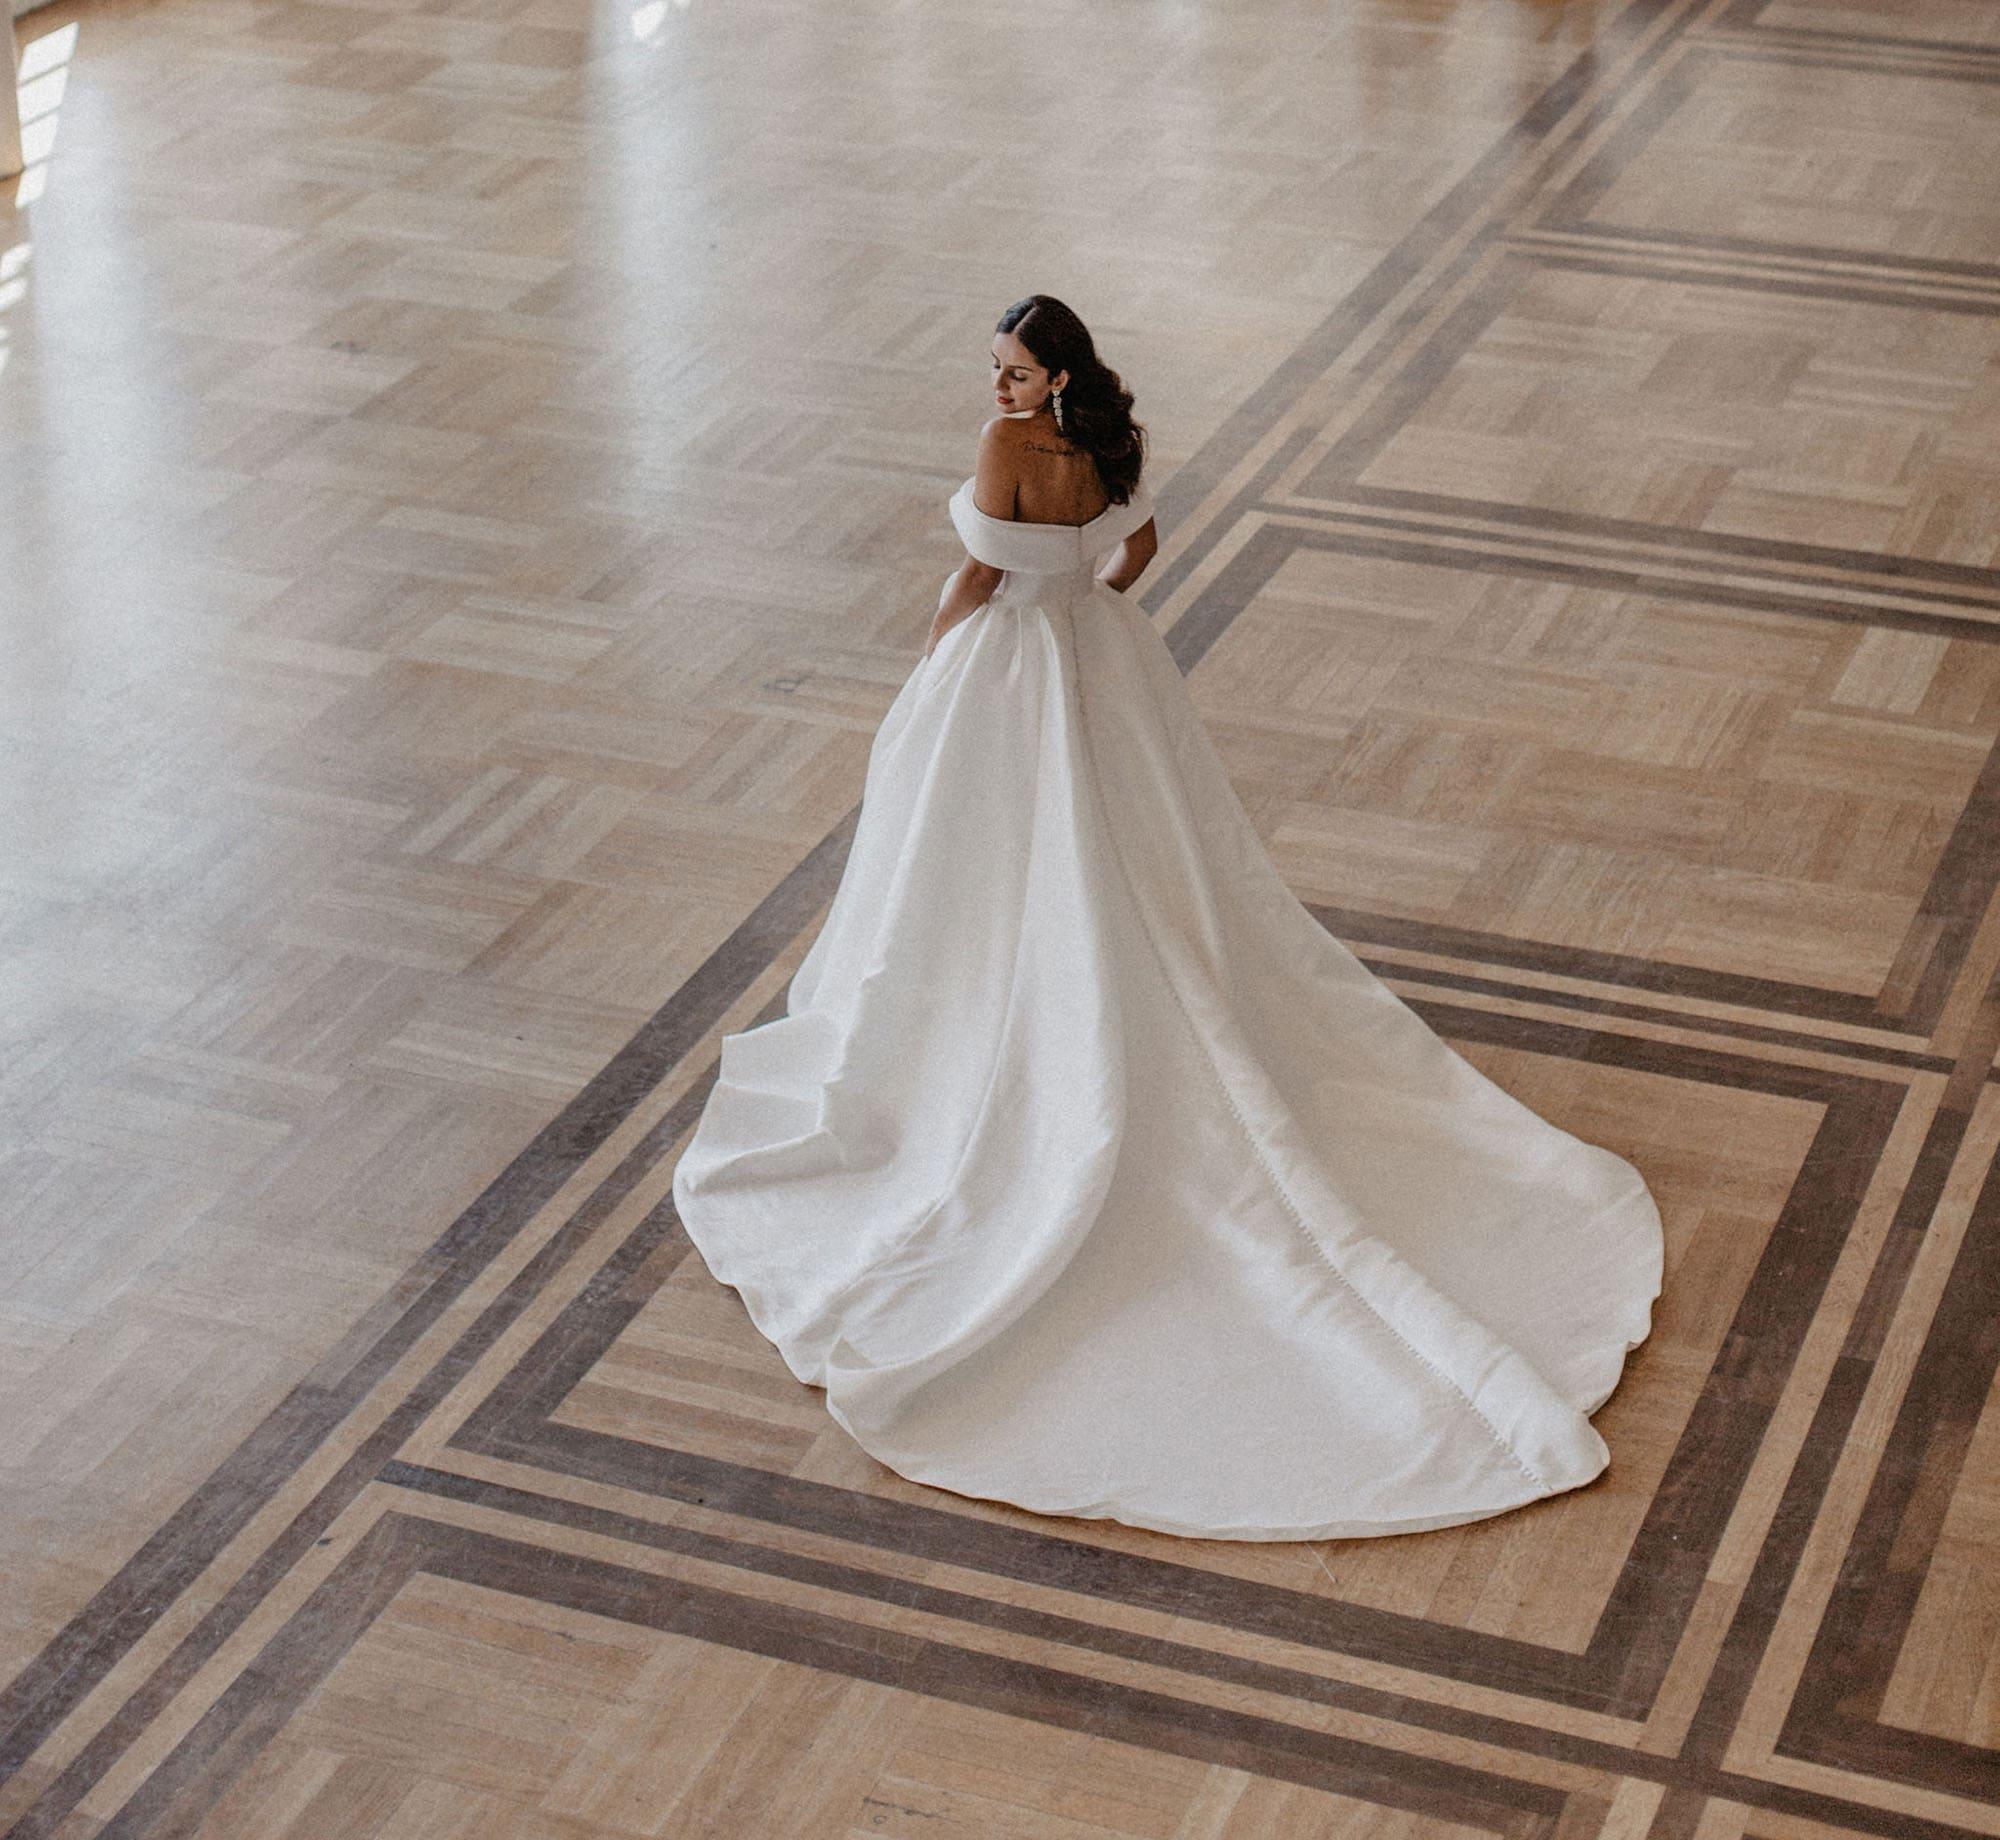 Braut mit weißem Kleid in Ballsaal mit Holzboden